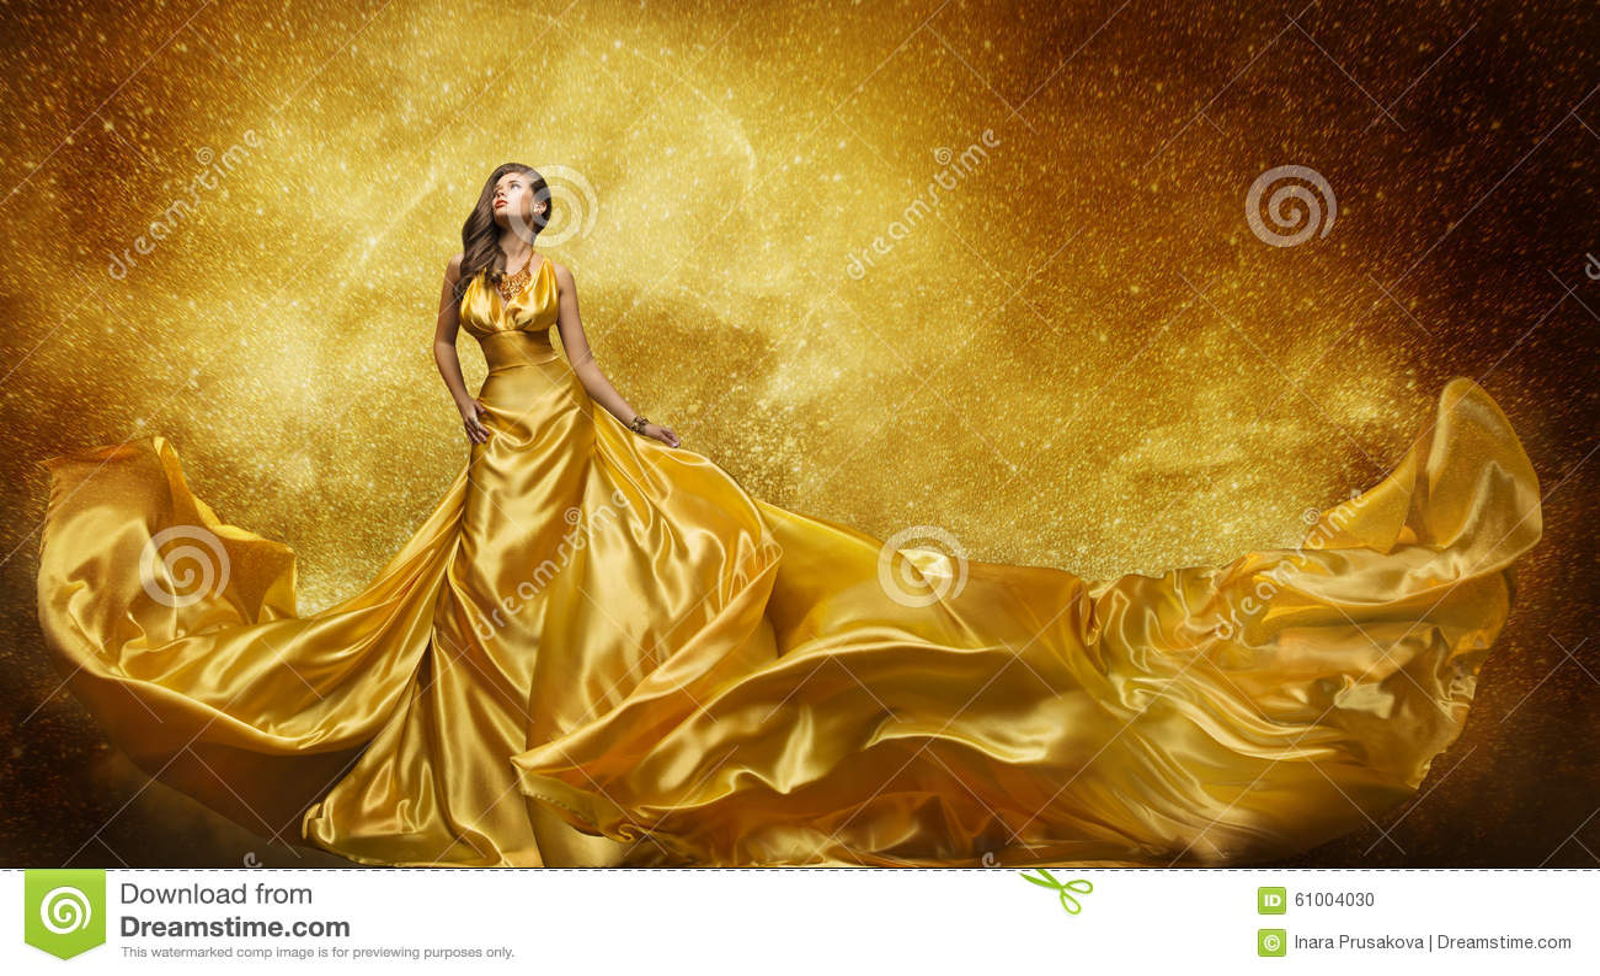 Guld- modemodell Dress, tyg för guld- siden- kappa för kvinna flödande